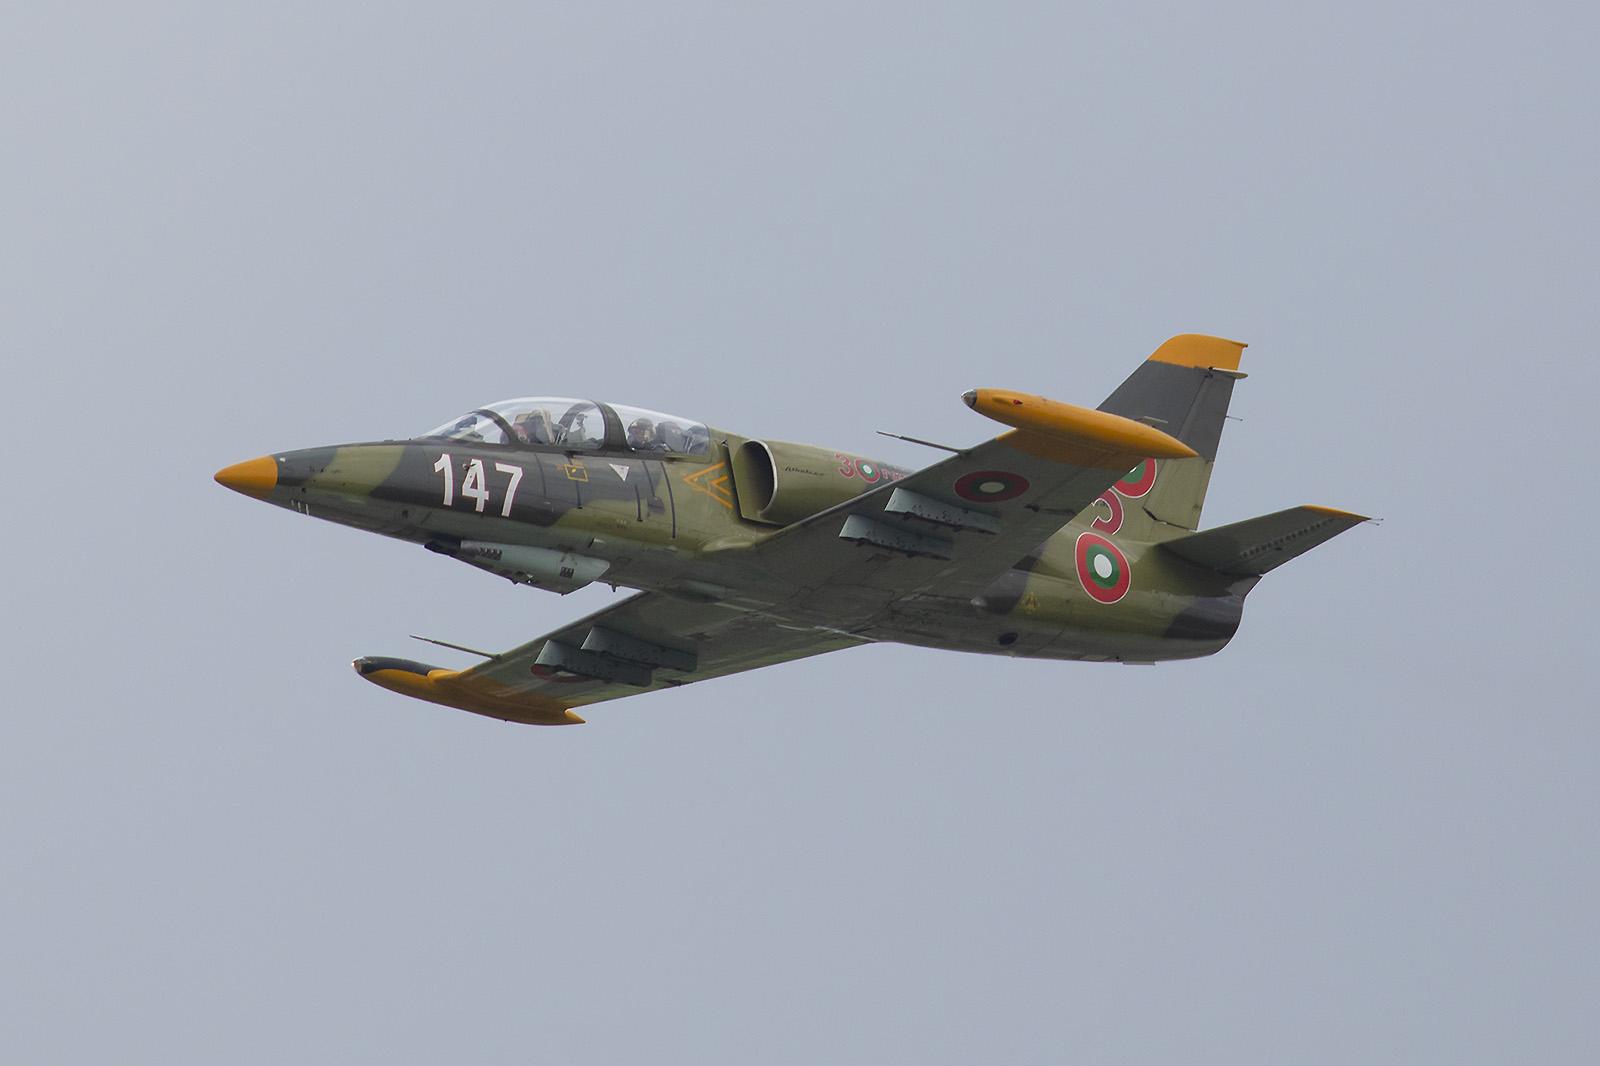 Nach mehreren Jahren Pause wurden die Let L-39 wieder aktiviert.